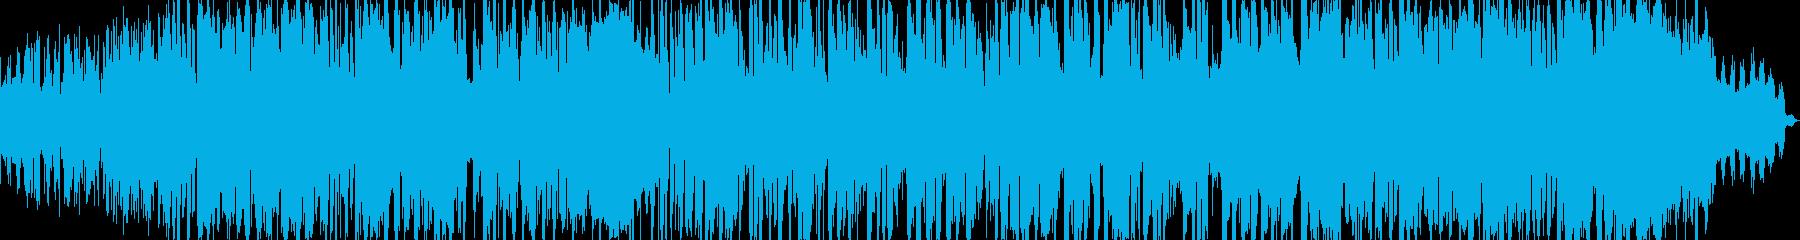 ハウス調のポップなお子様向け娯楽曲の再生済みの波形